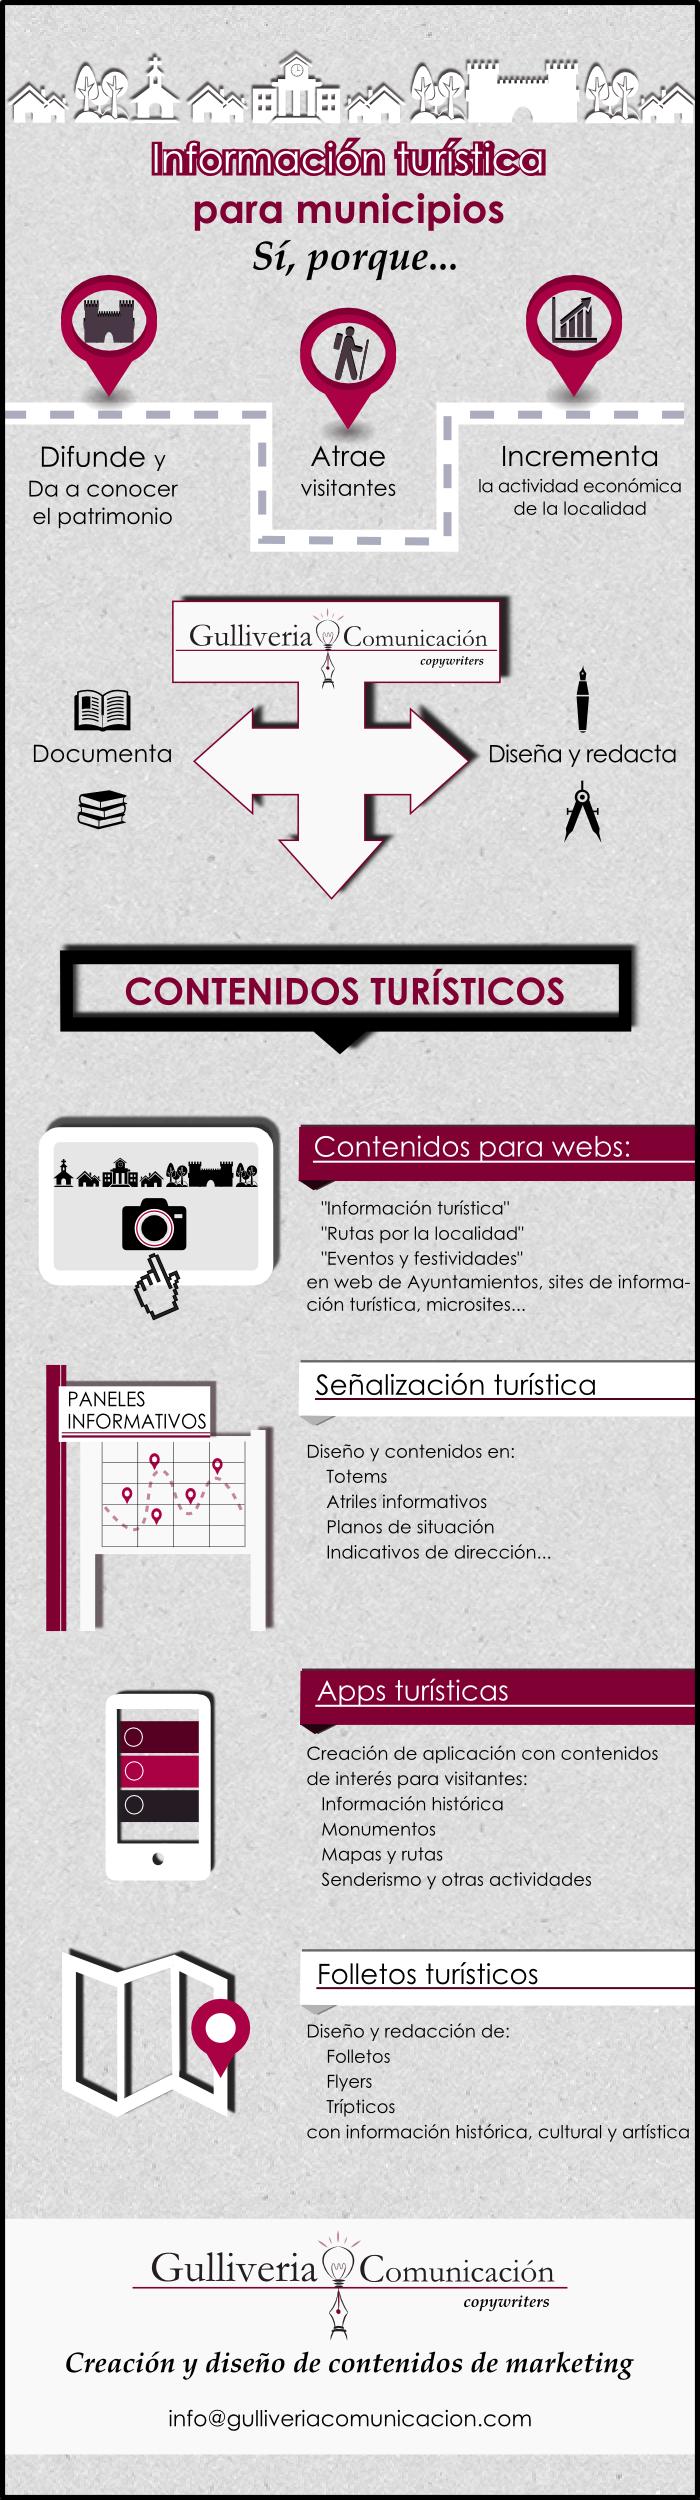 Información turística para municipios. Contenidos online, paneles de señalización turística, apps para visitantes...